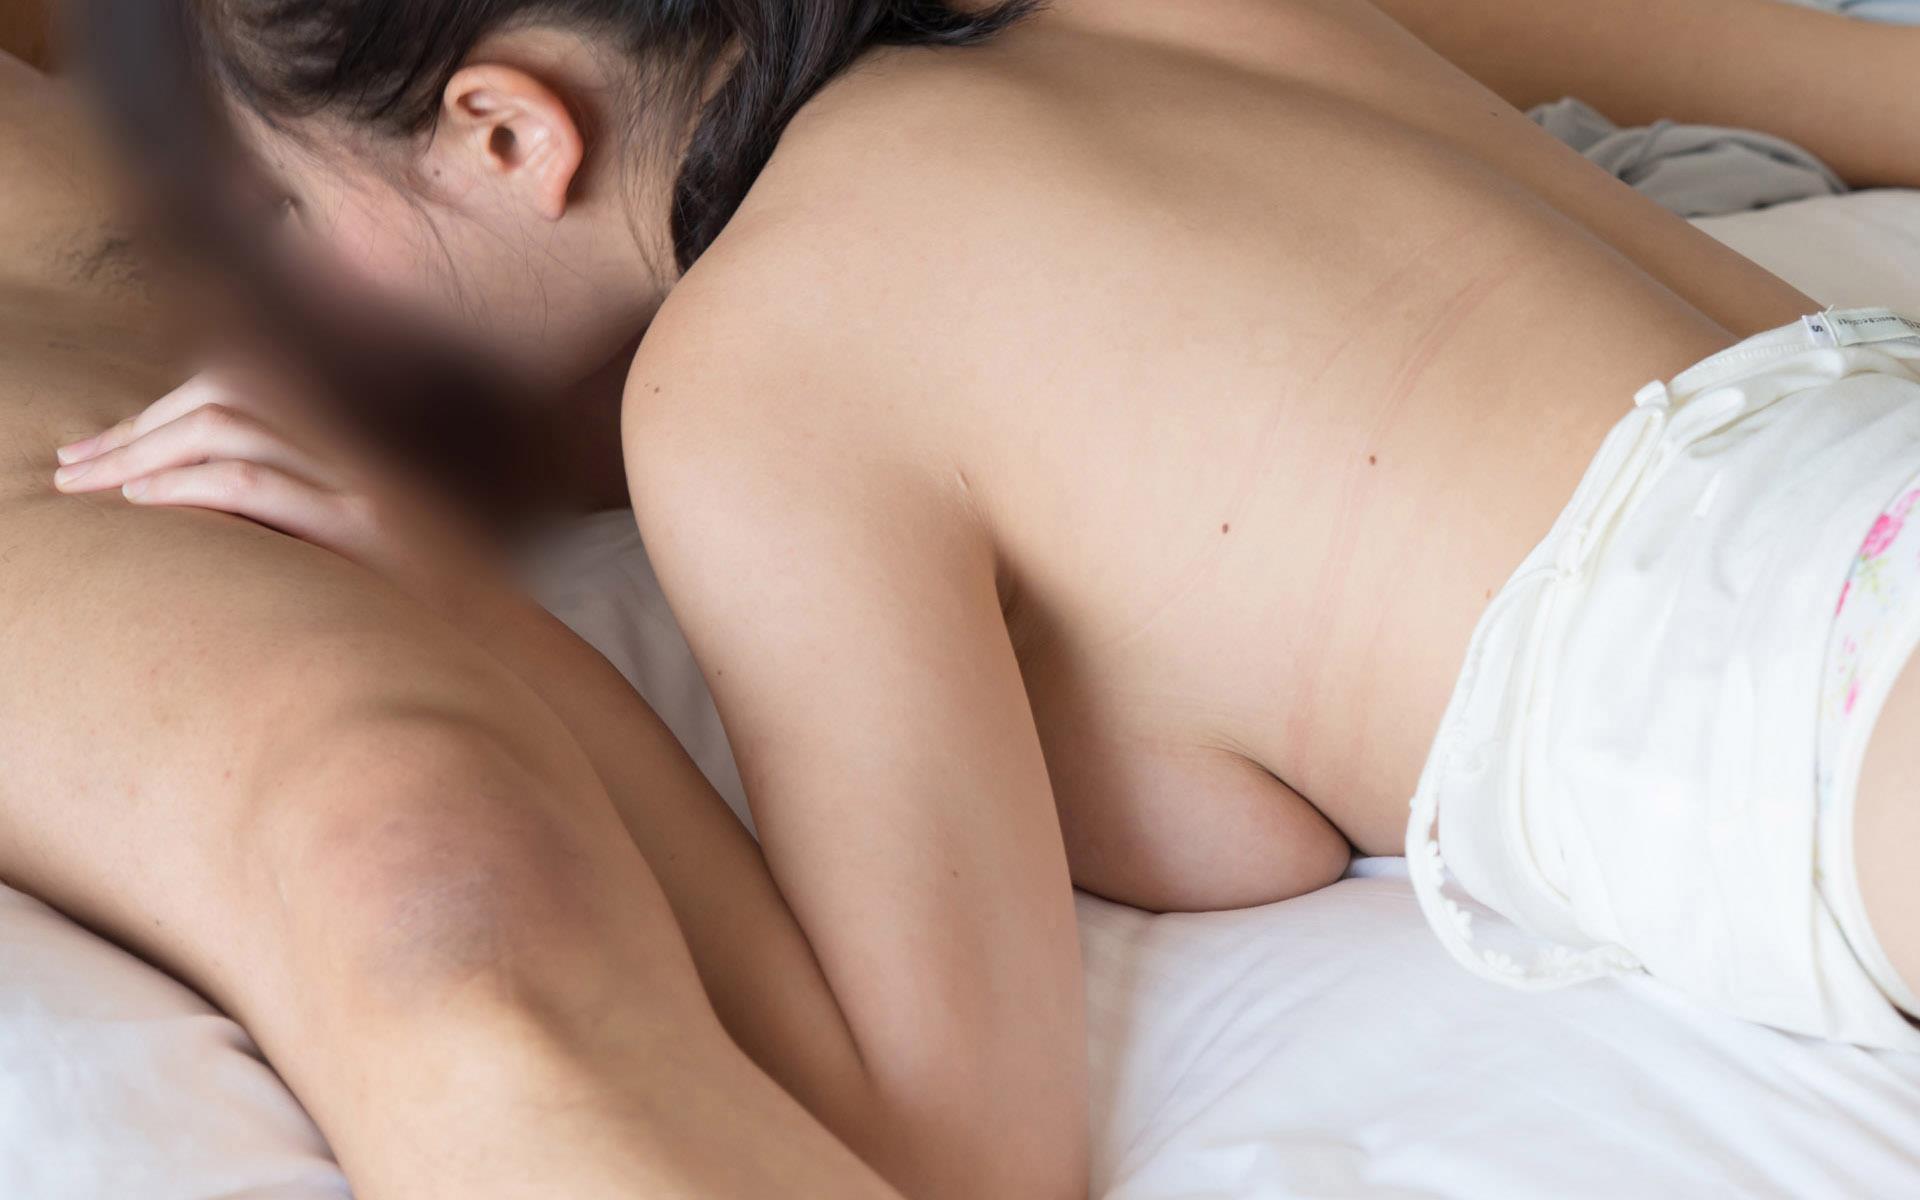 浜崎真緒(はまさきまお) ロリ顔ポニーテール、色白柔らかそうなおっぱいに包まれるセックスAV女優画像 143枚 No.84